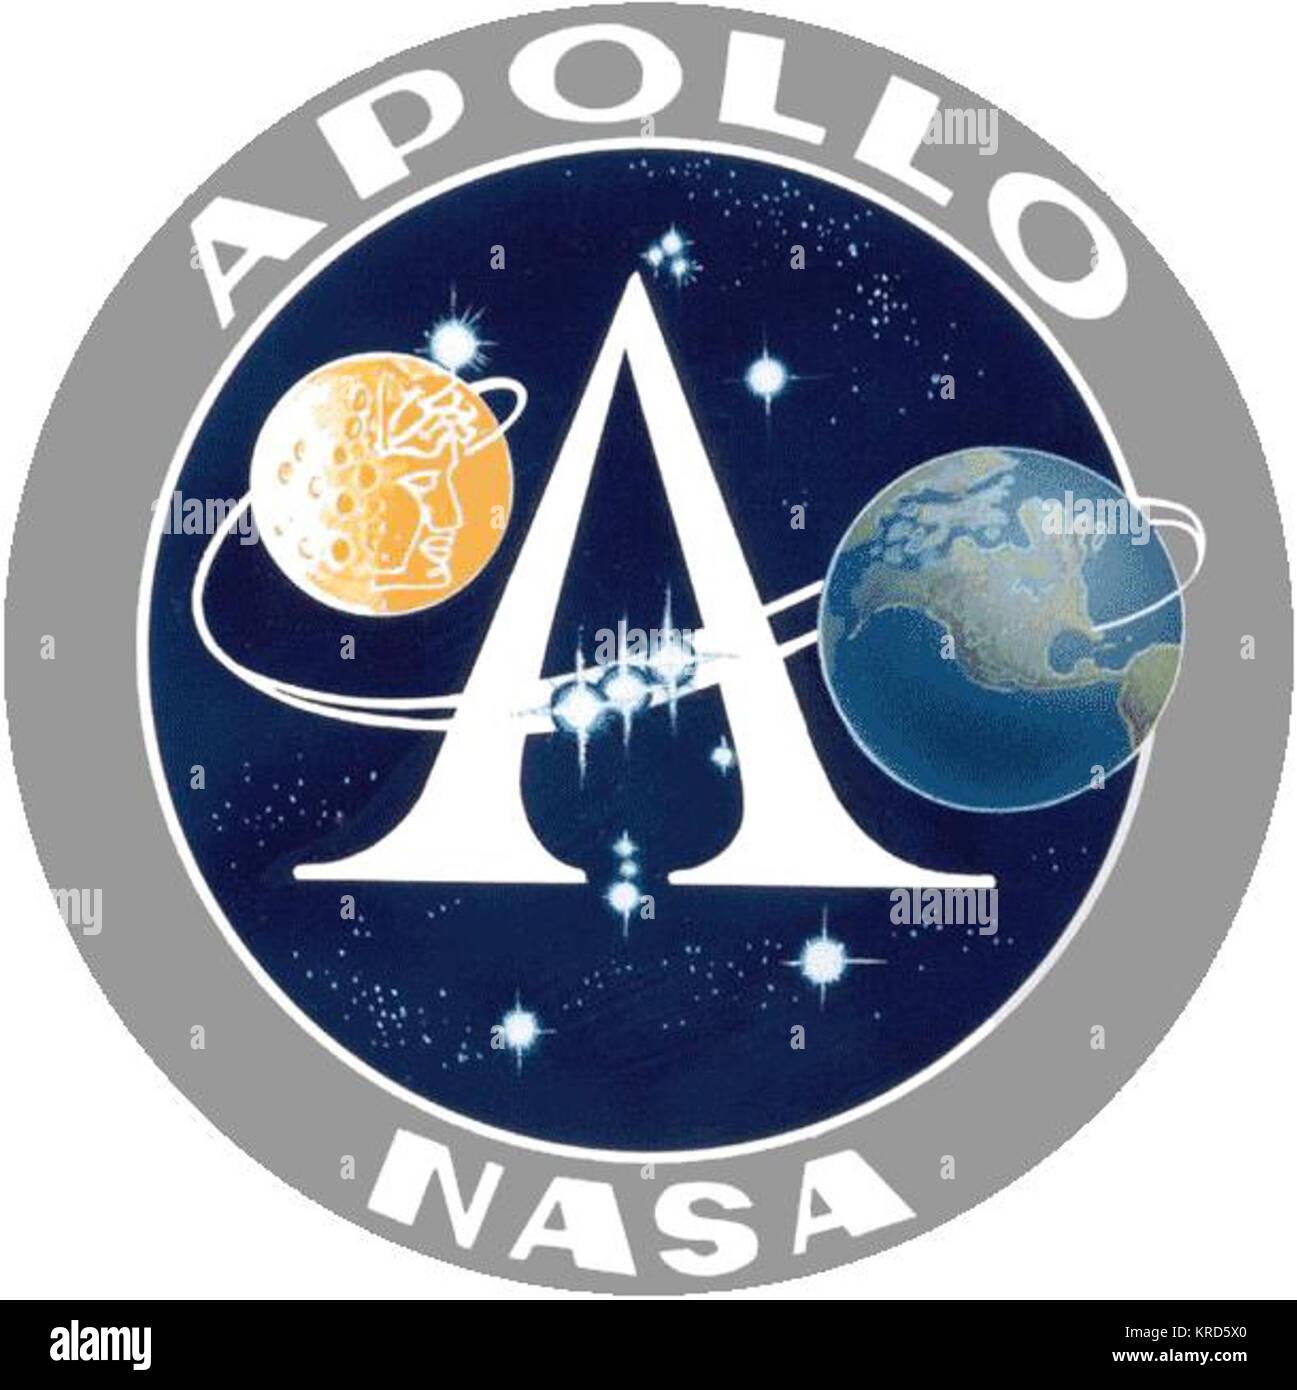 Apollo program insignia - Stock Image